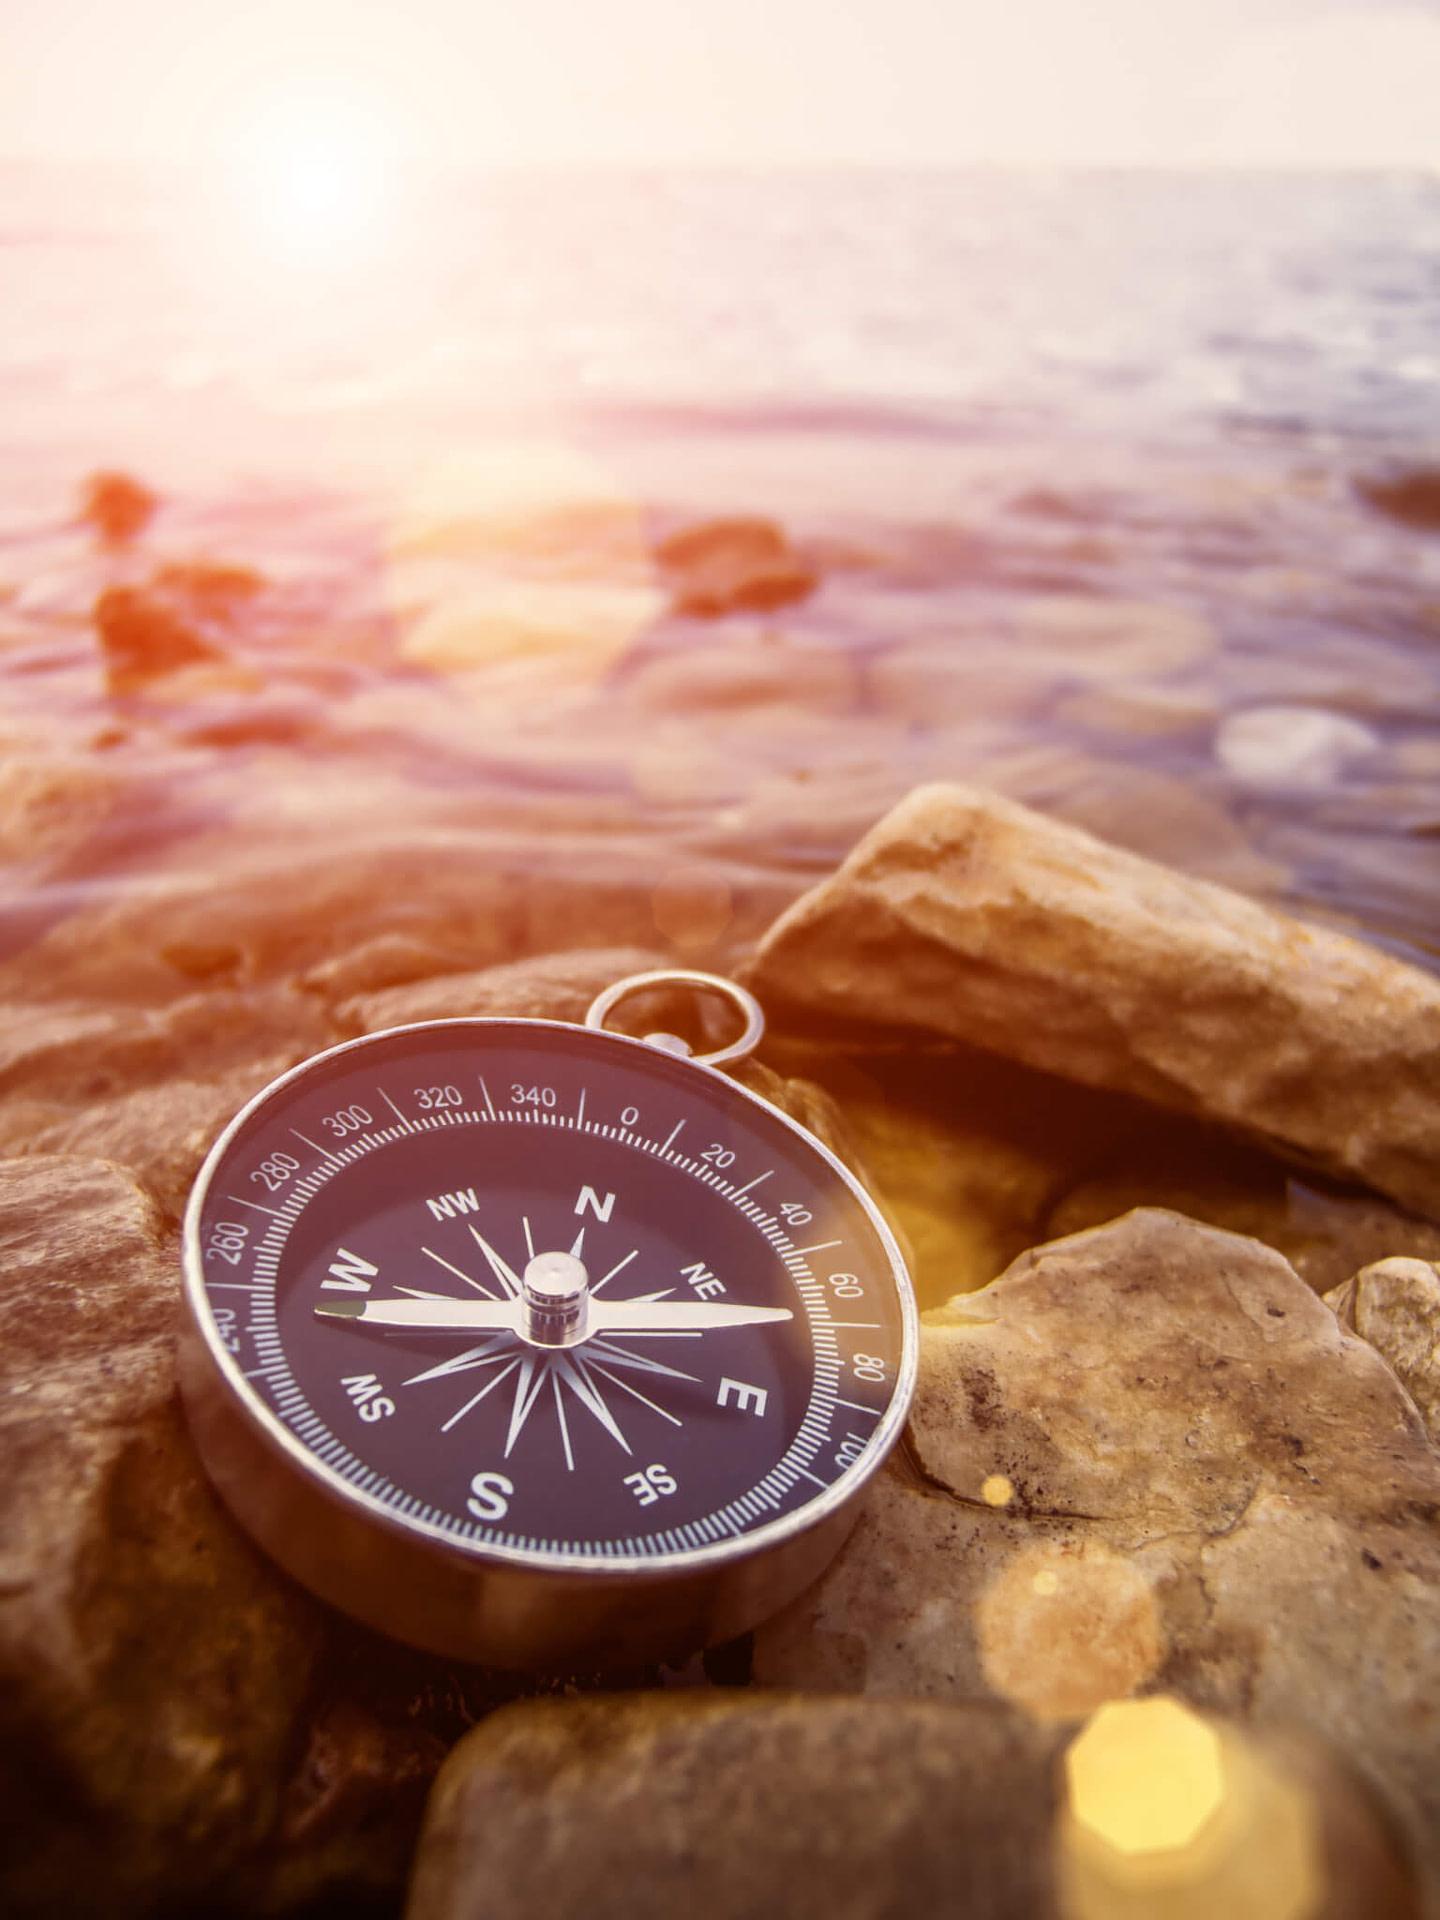 Kompass am Strand bei Sonnenuntergang am Horizont.